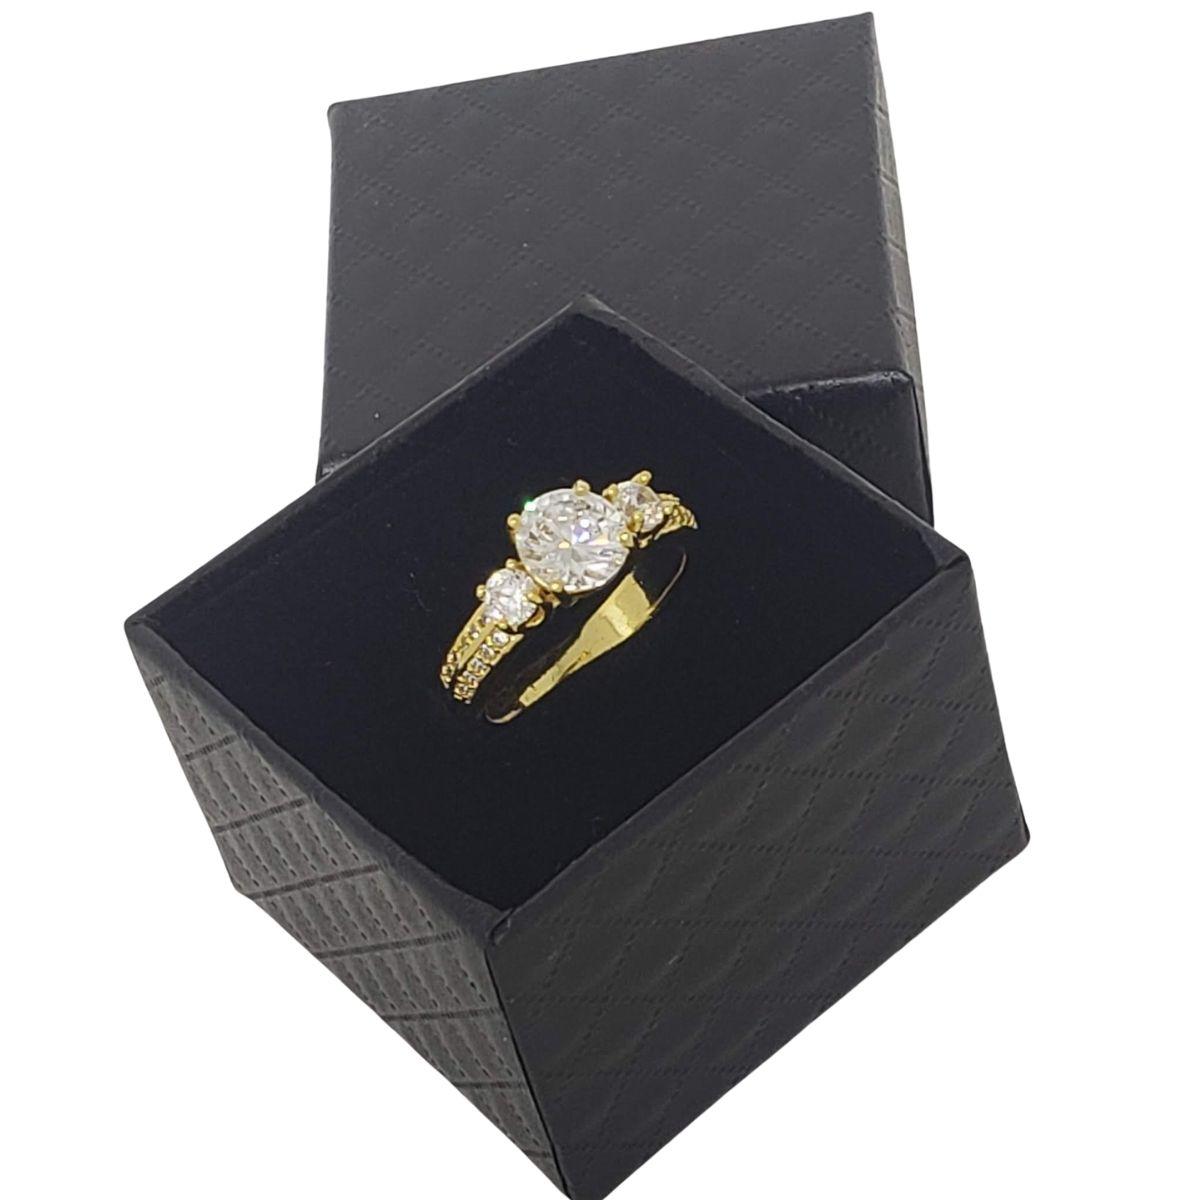 Anel Solitário Cravejado De Zirconias Banho De Ouro 18k 1163